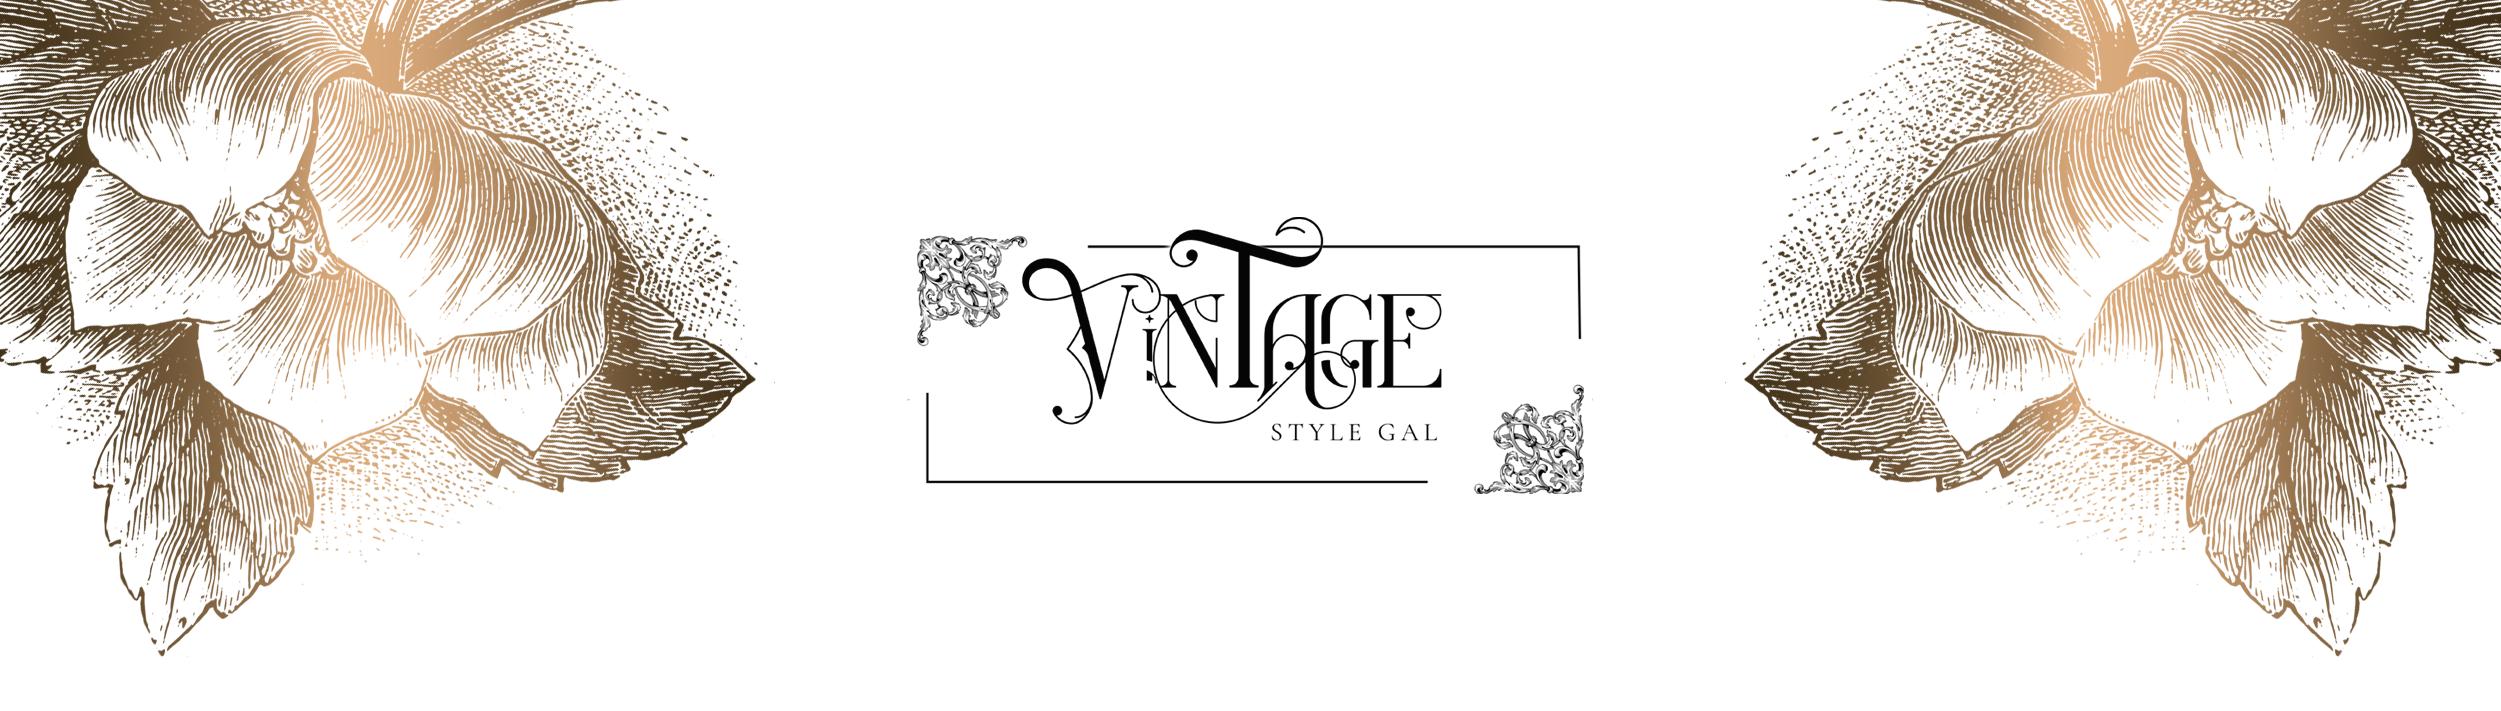 Vintage Style Gal